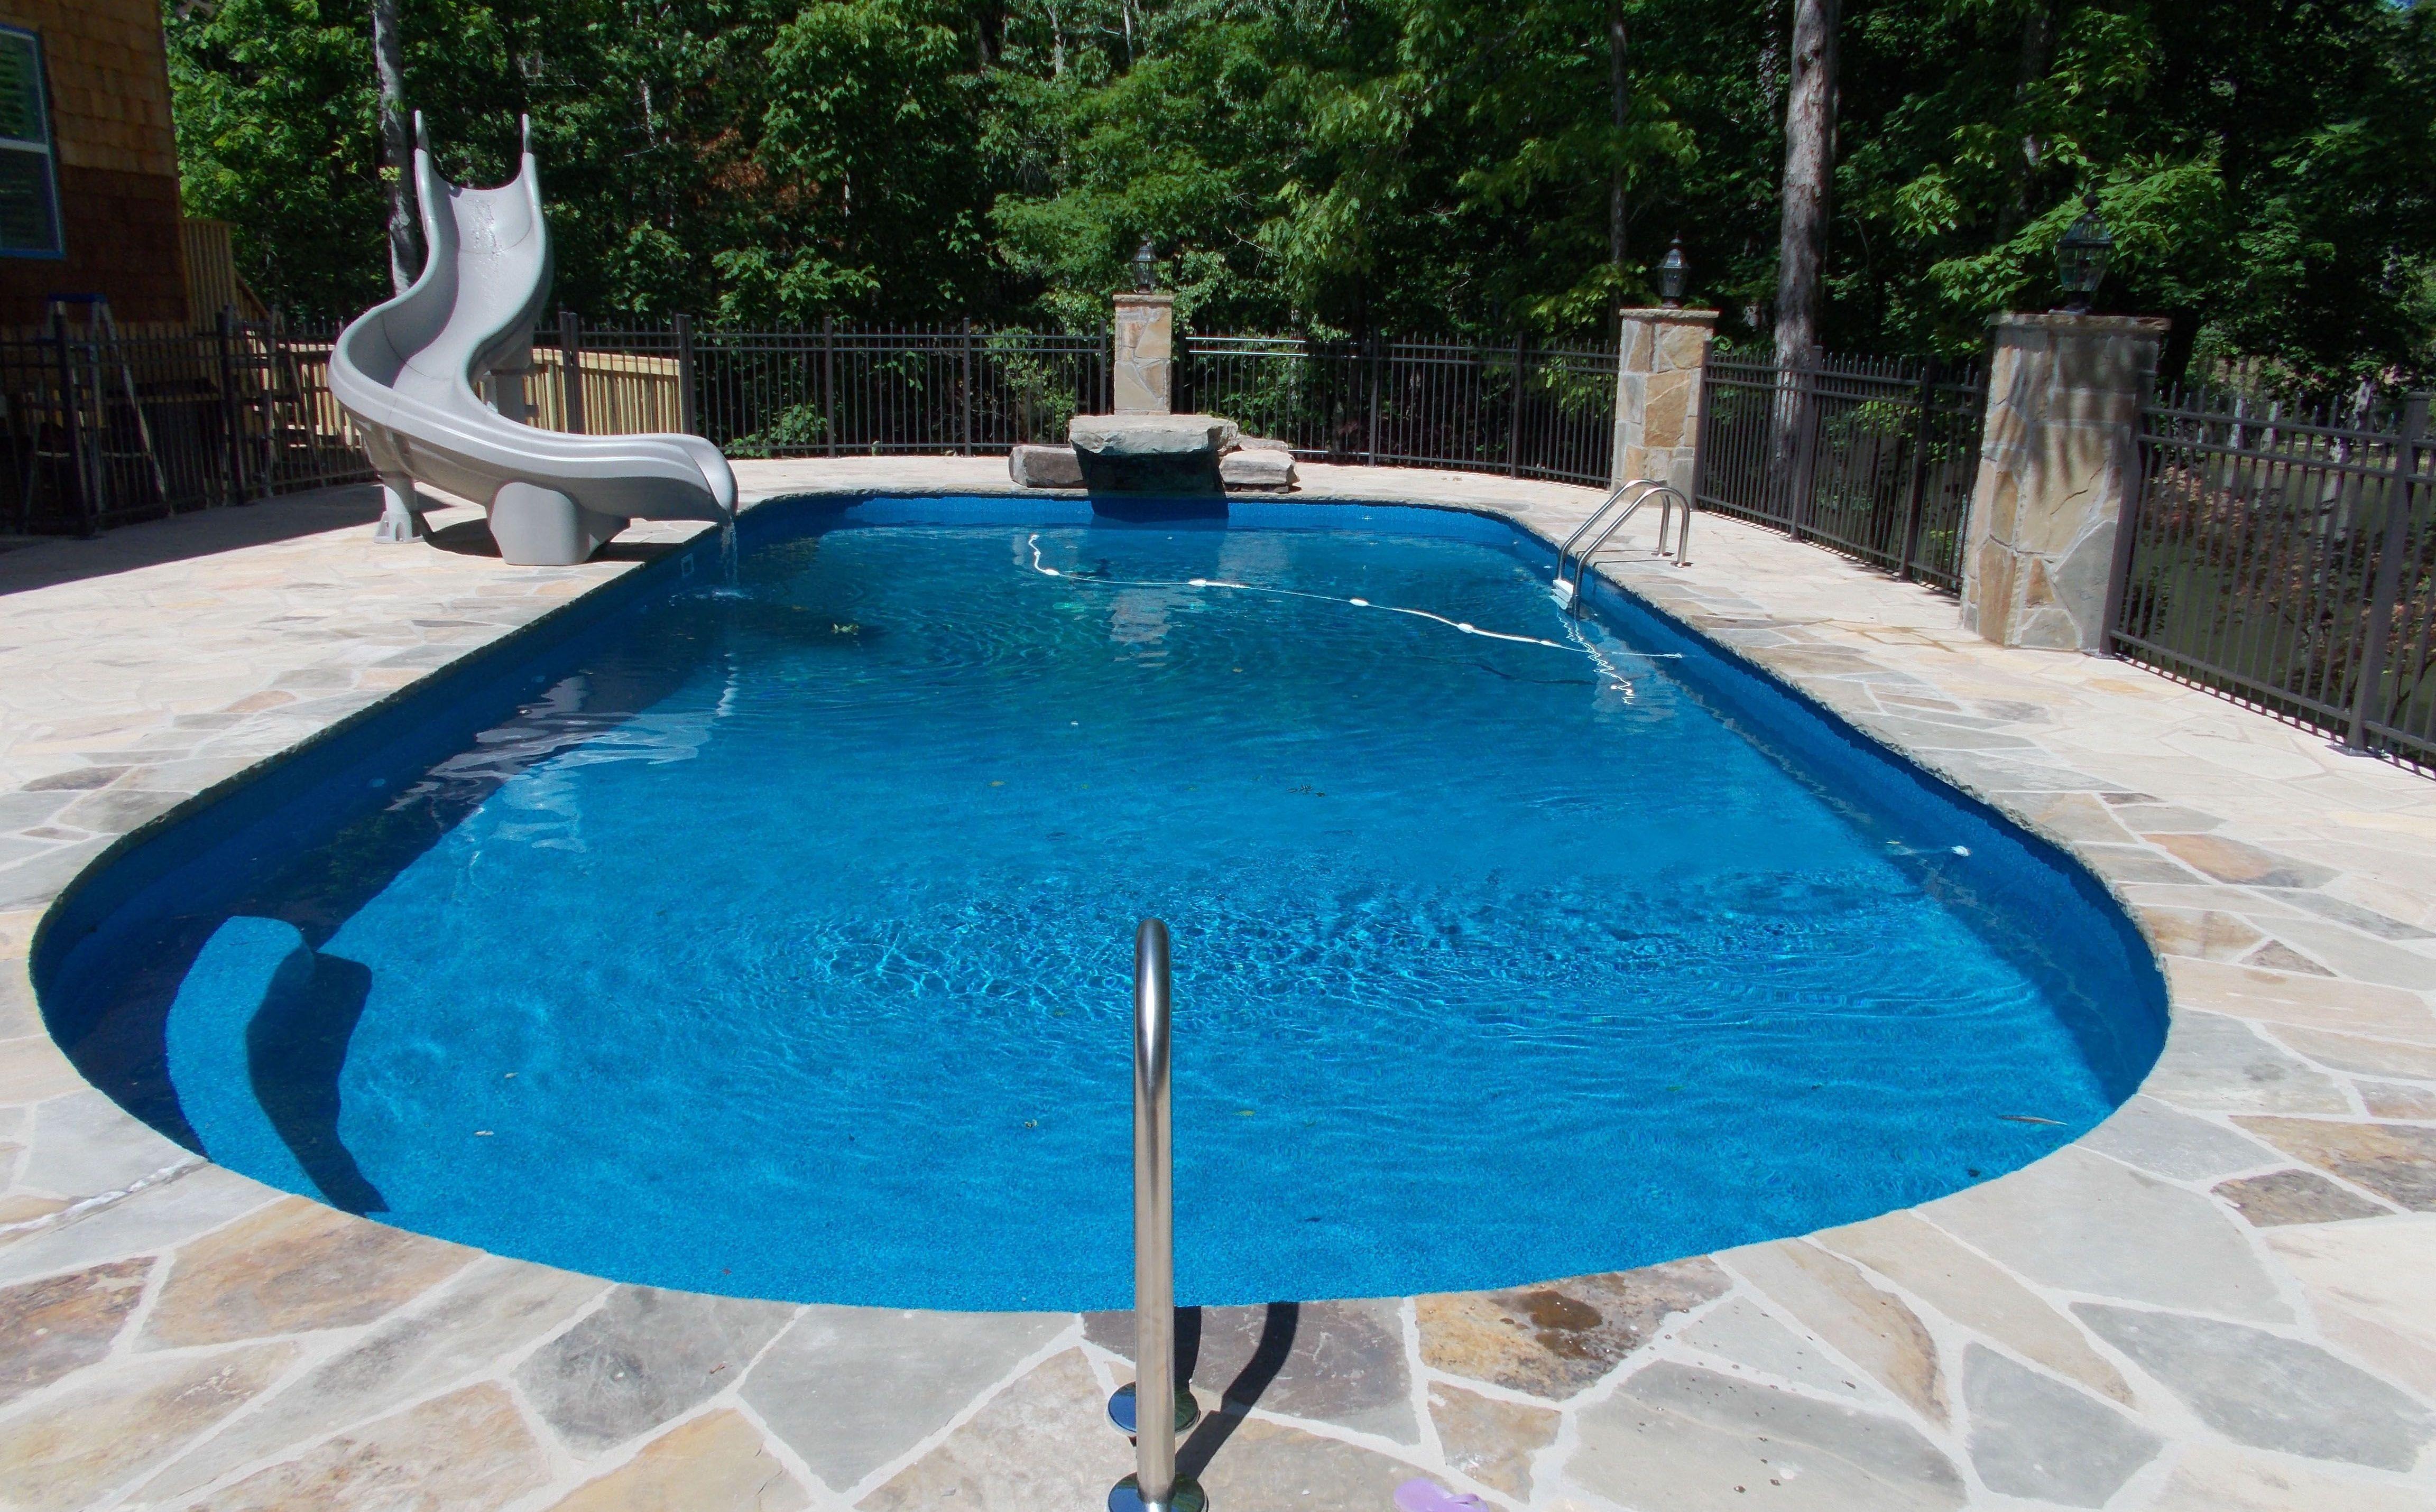 Vinyl Liner Pool 002 By Aquarius Pools Construction Pools Backyard Inground Vinyl Pools Inground Pool